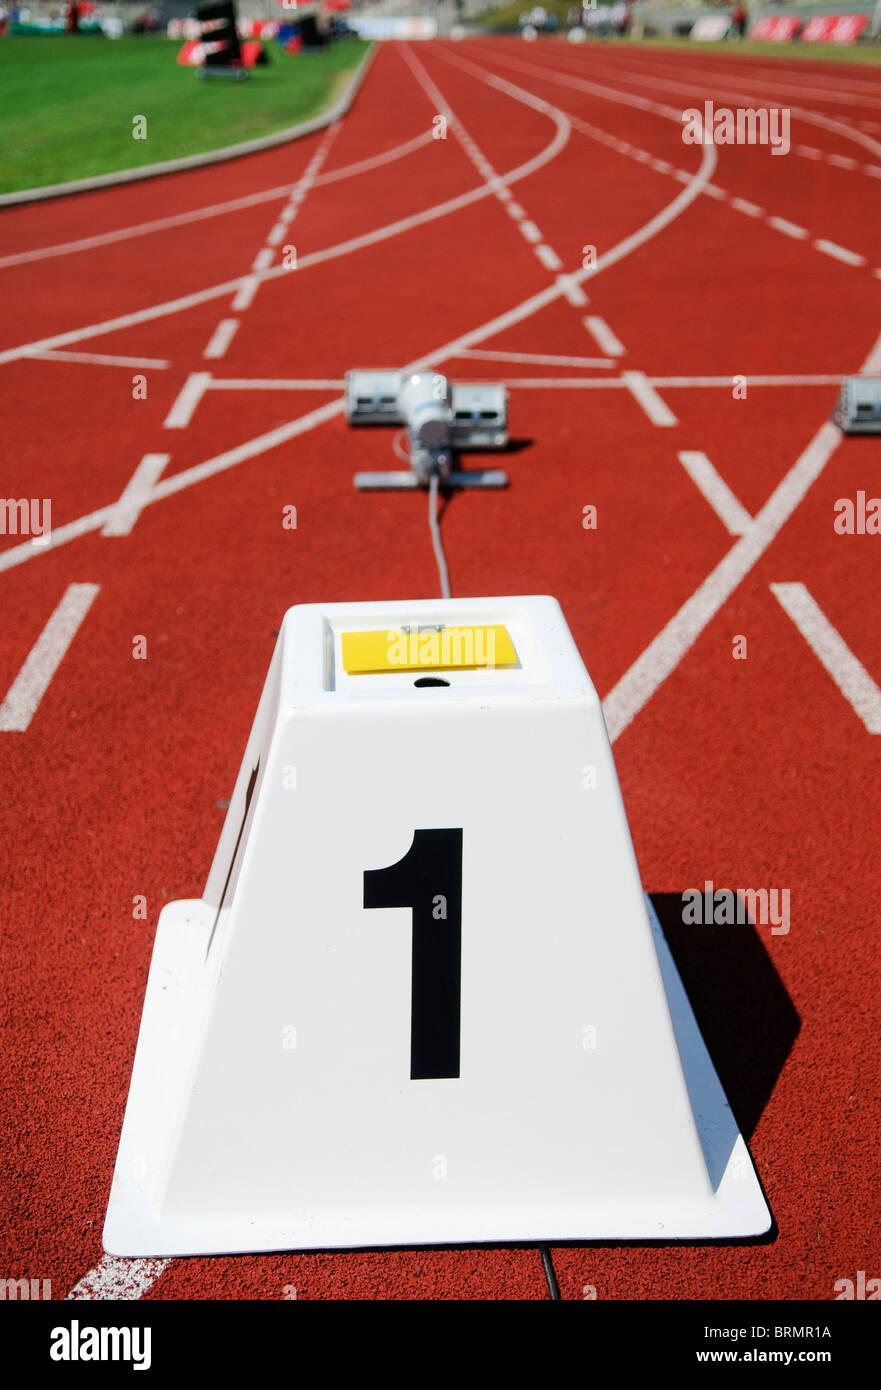 Los bloques de arranque vacío en la pista de atletismo Imagen De Stock